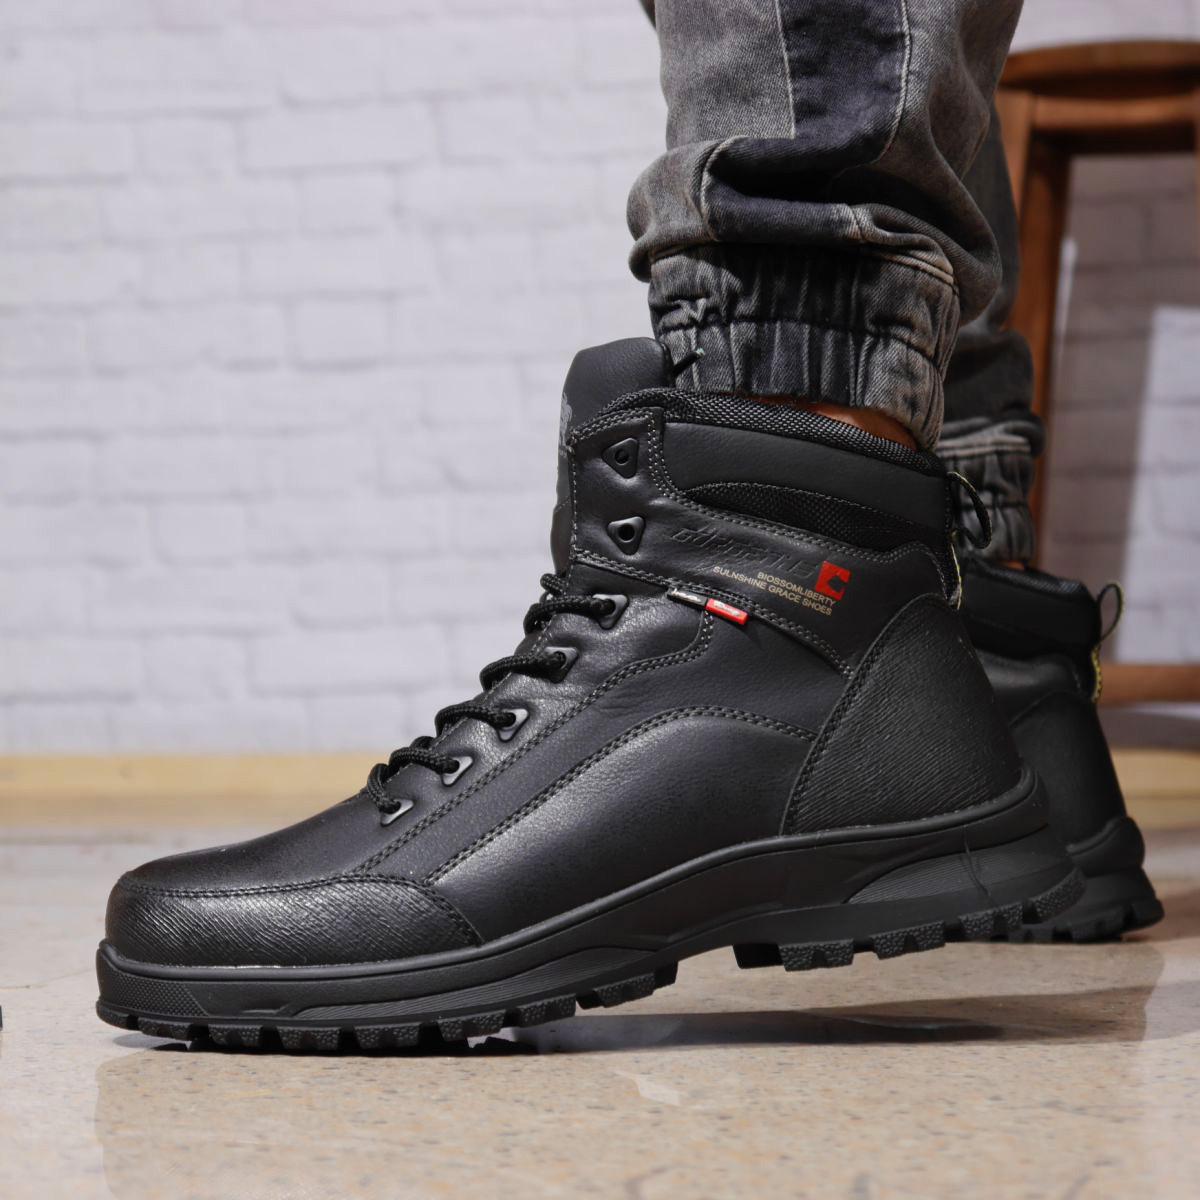 Зимние мужские ботинки 31881, Gorgeous (на меху, в коробке), черные, [ 40 41 42 43 44 45 ] р. 40-26,5см.